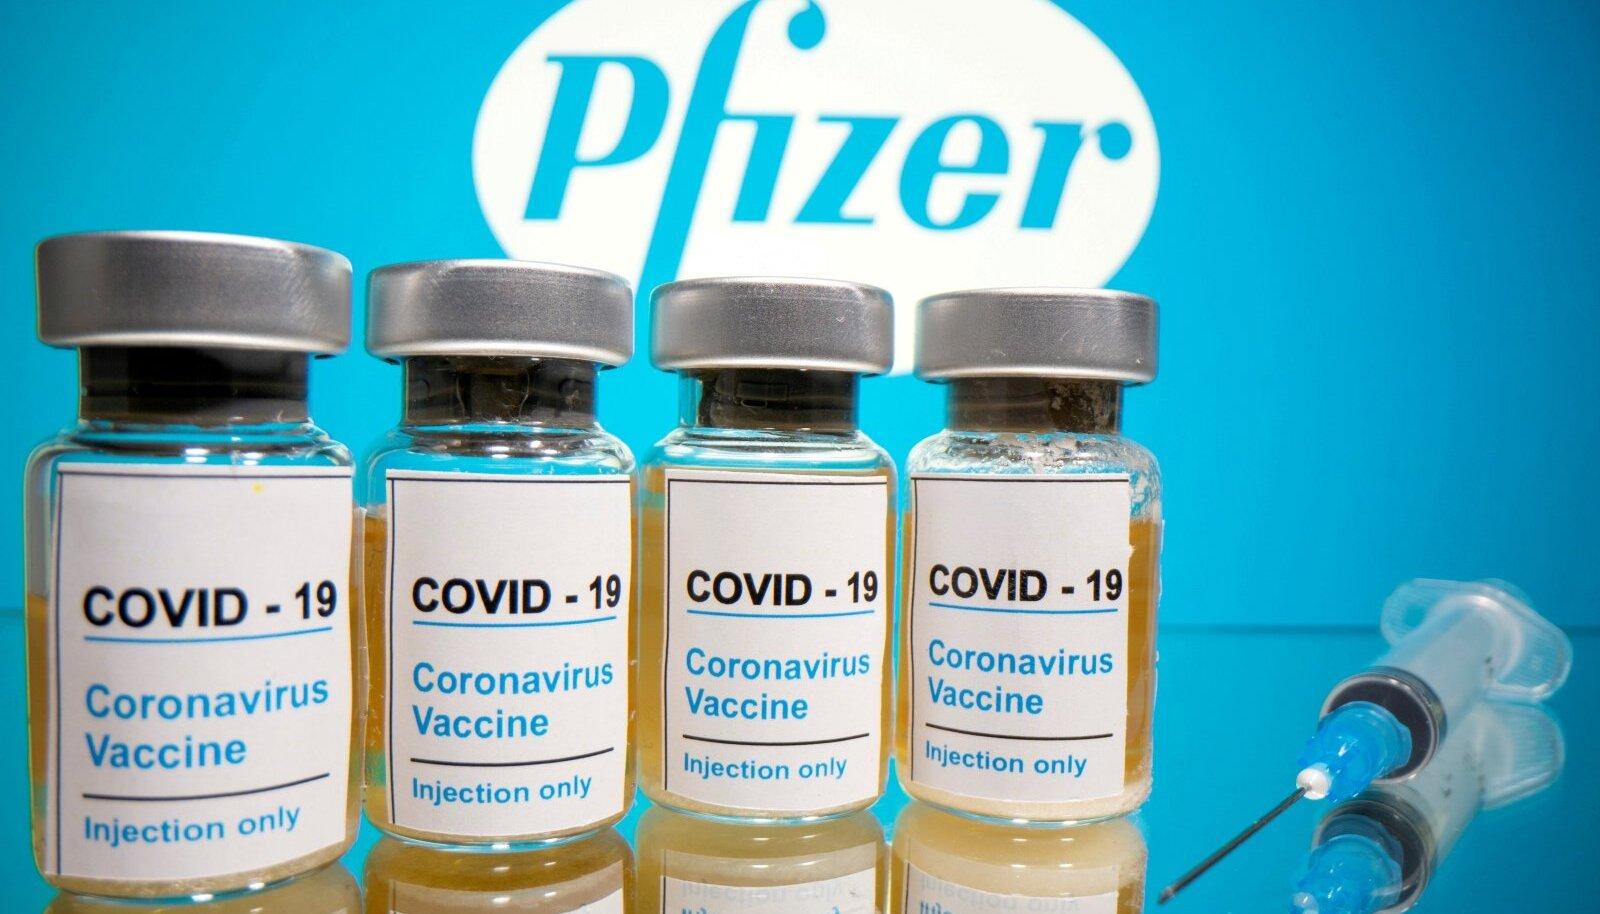 Pfizeri Covid-19 vaktsiin